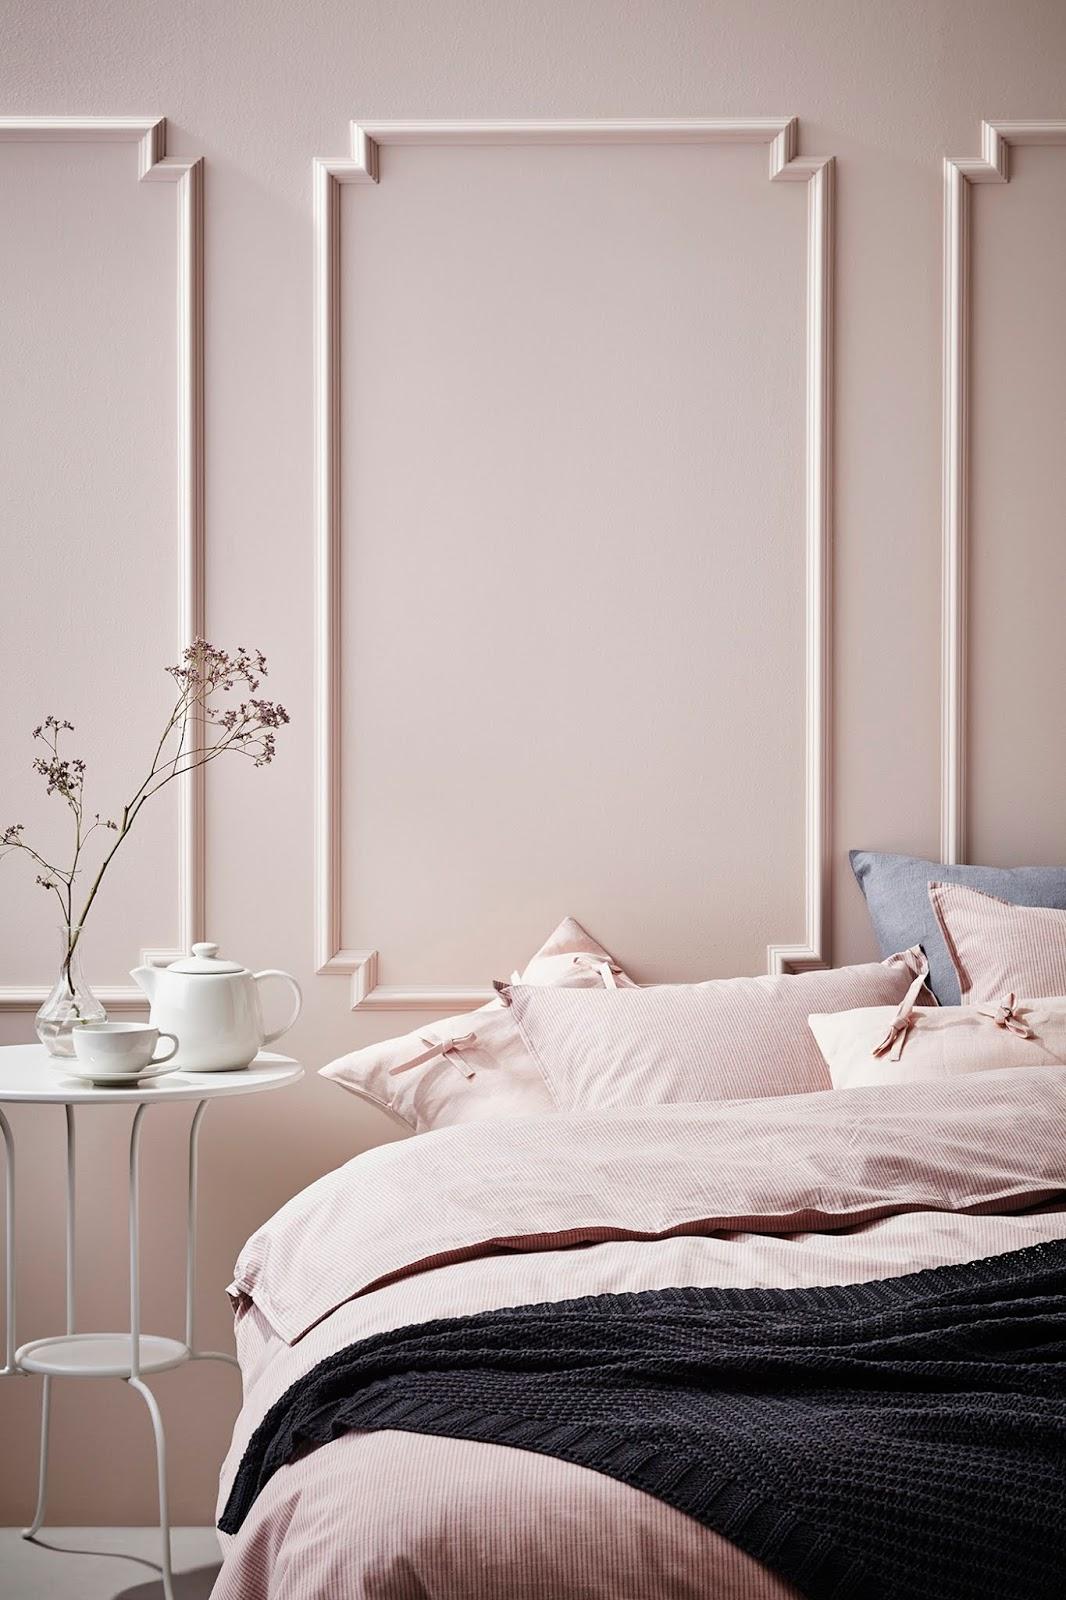 Dormitorio de IKEA EN TONOS PASTEL